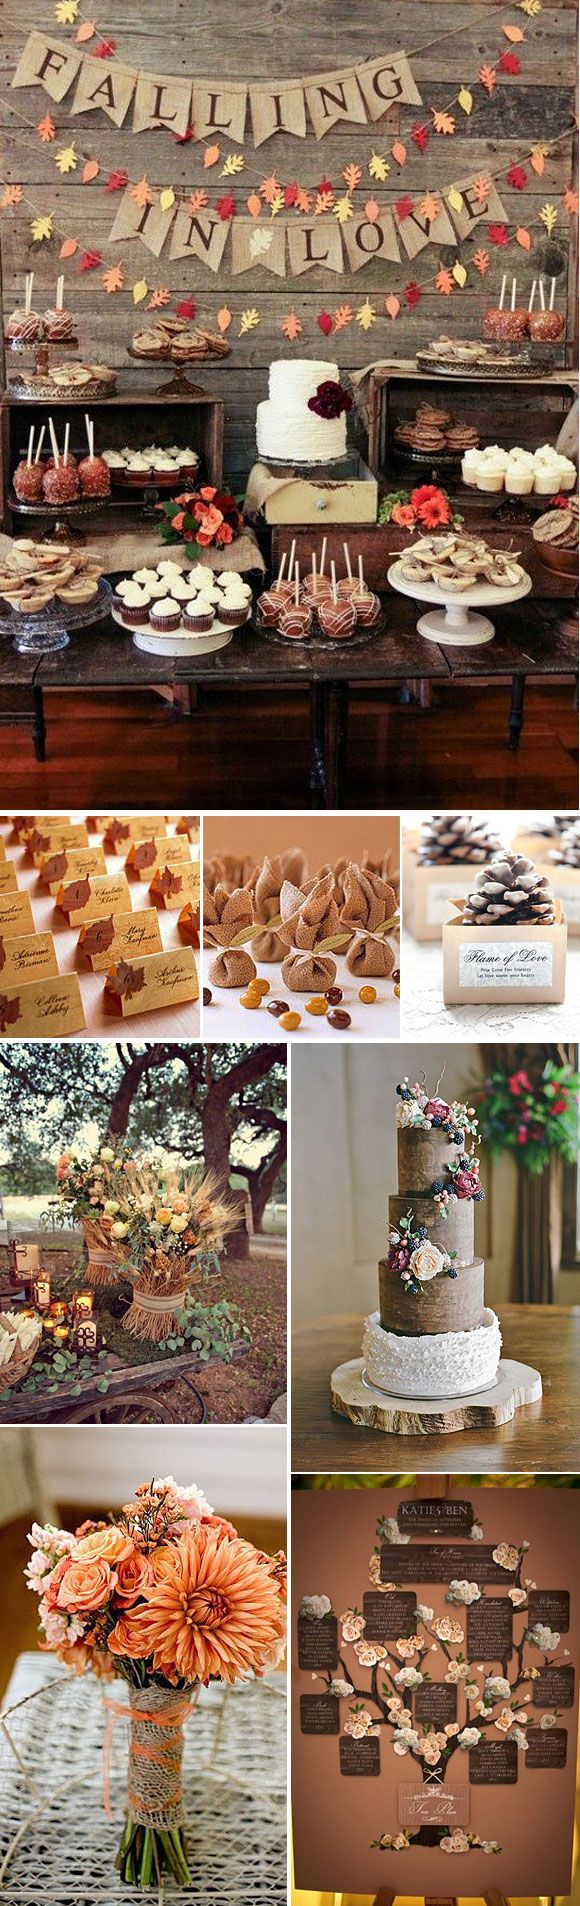 Bodas en Otoño – Ideas para decorar una boda en otoño                                                                                                                                                                                 Más